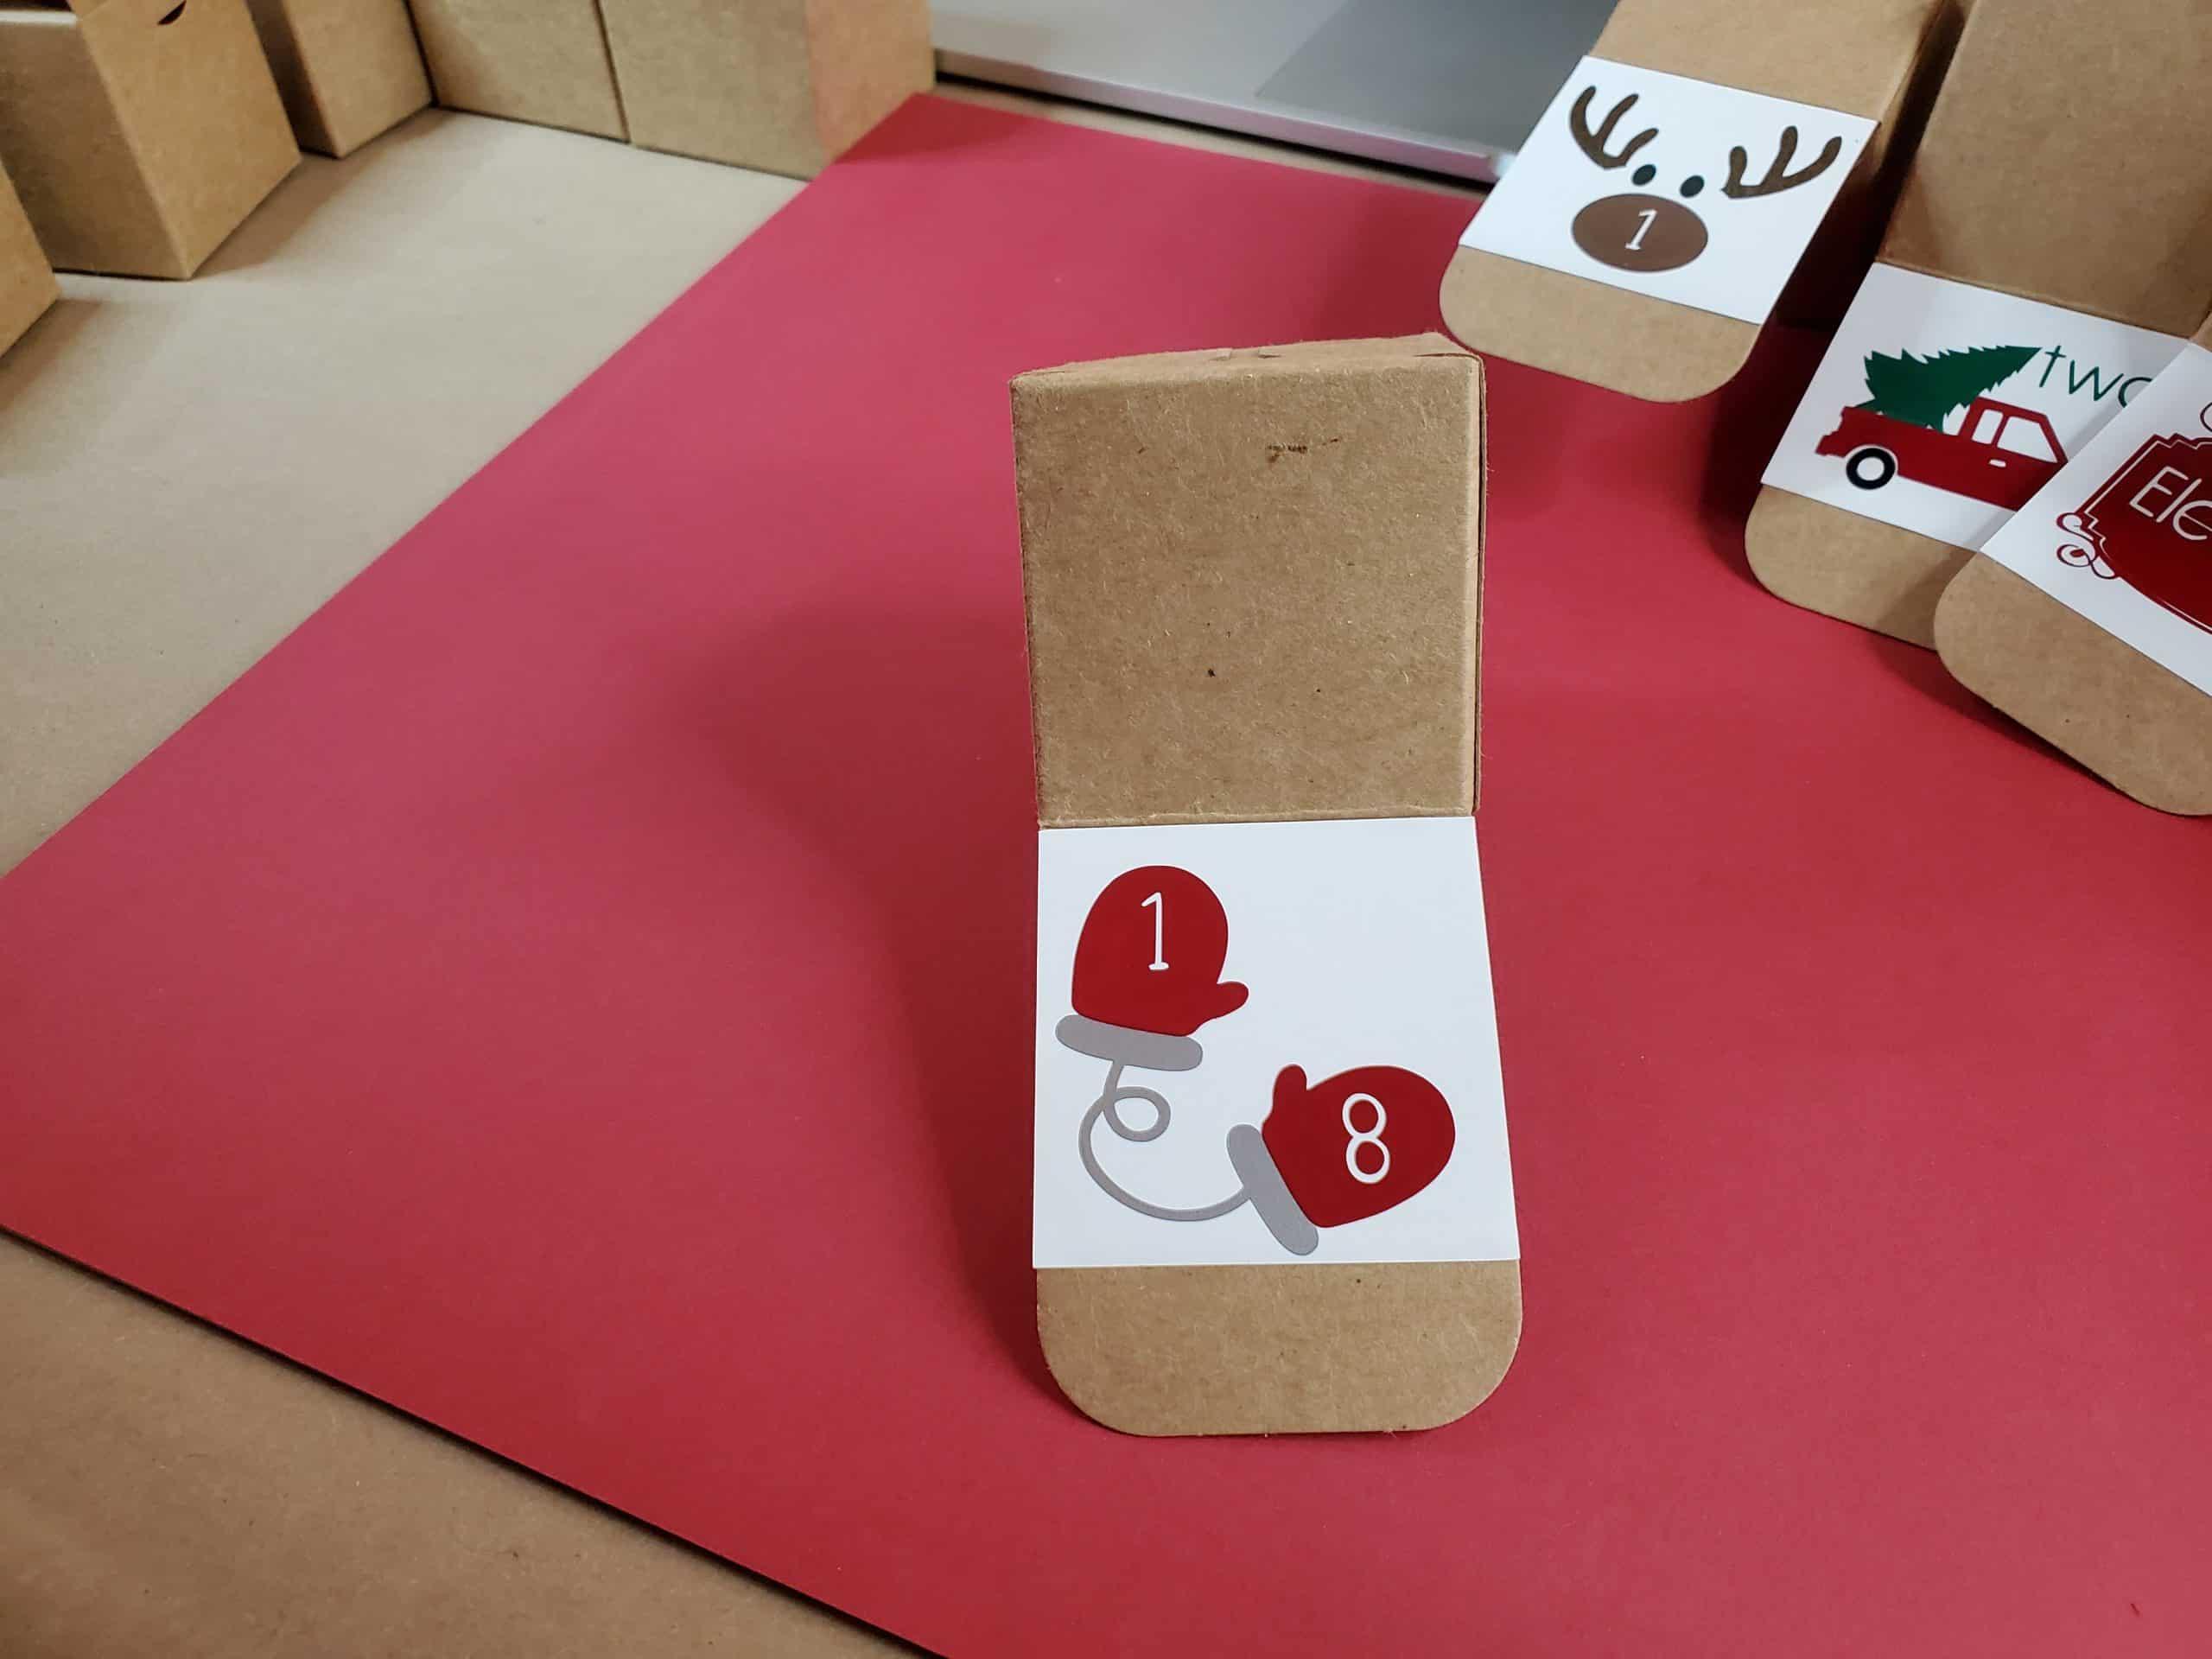 Square 18 box